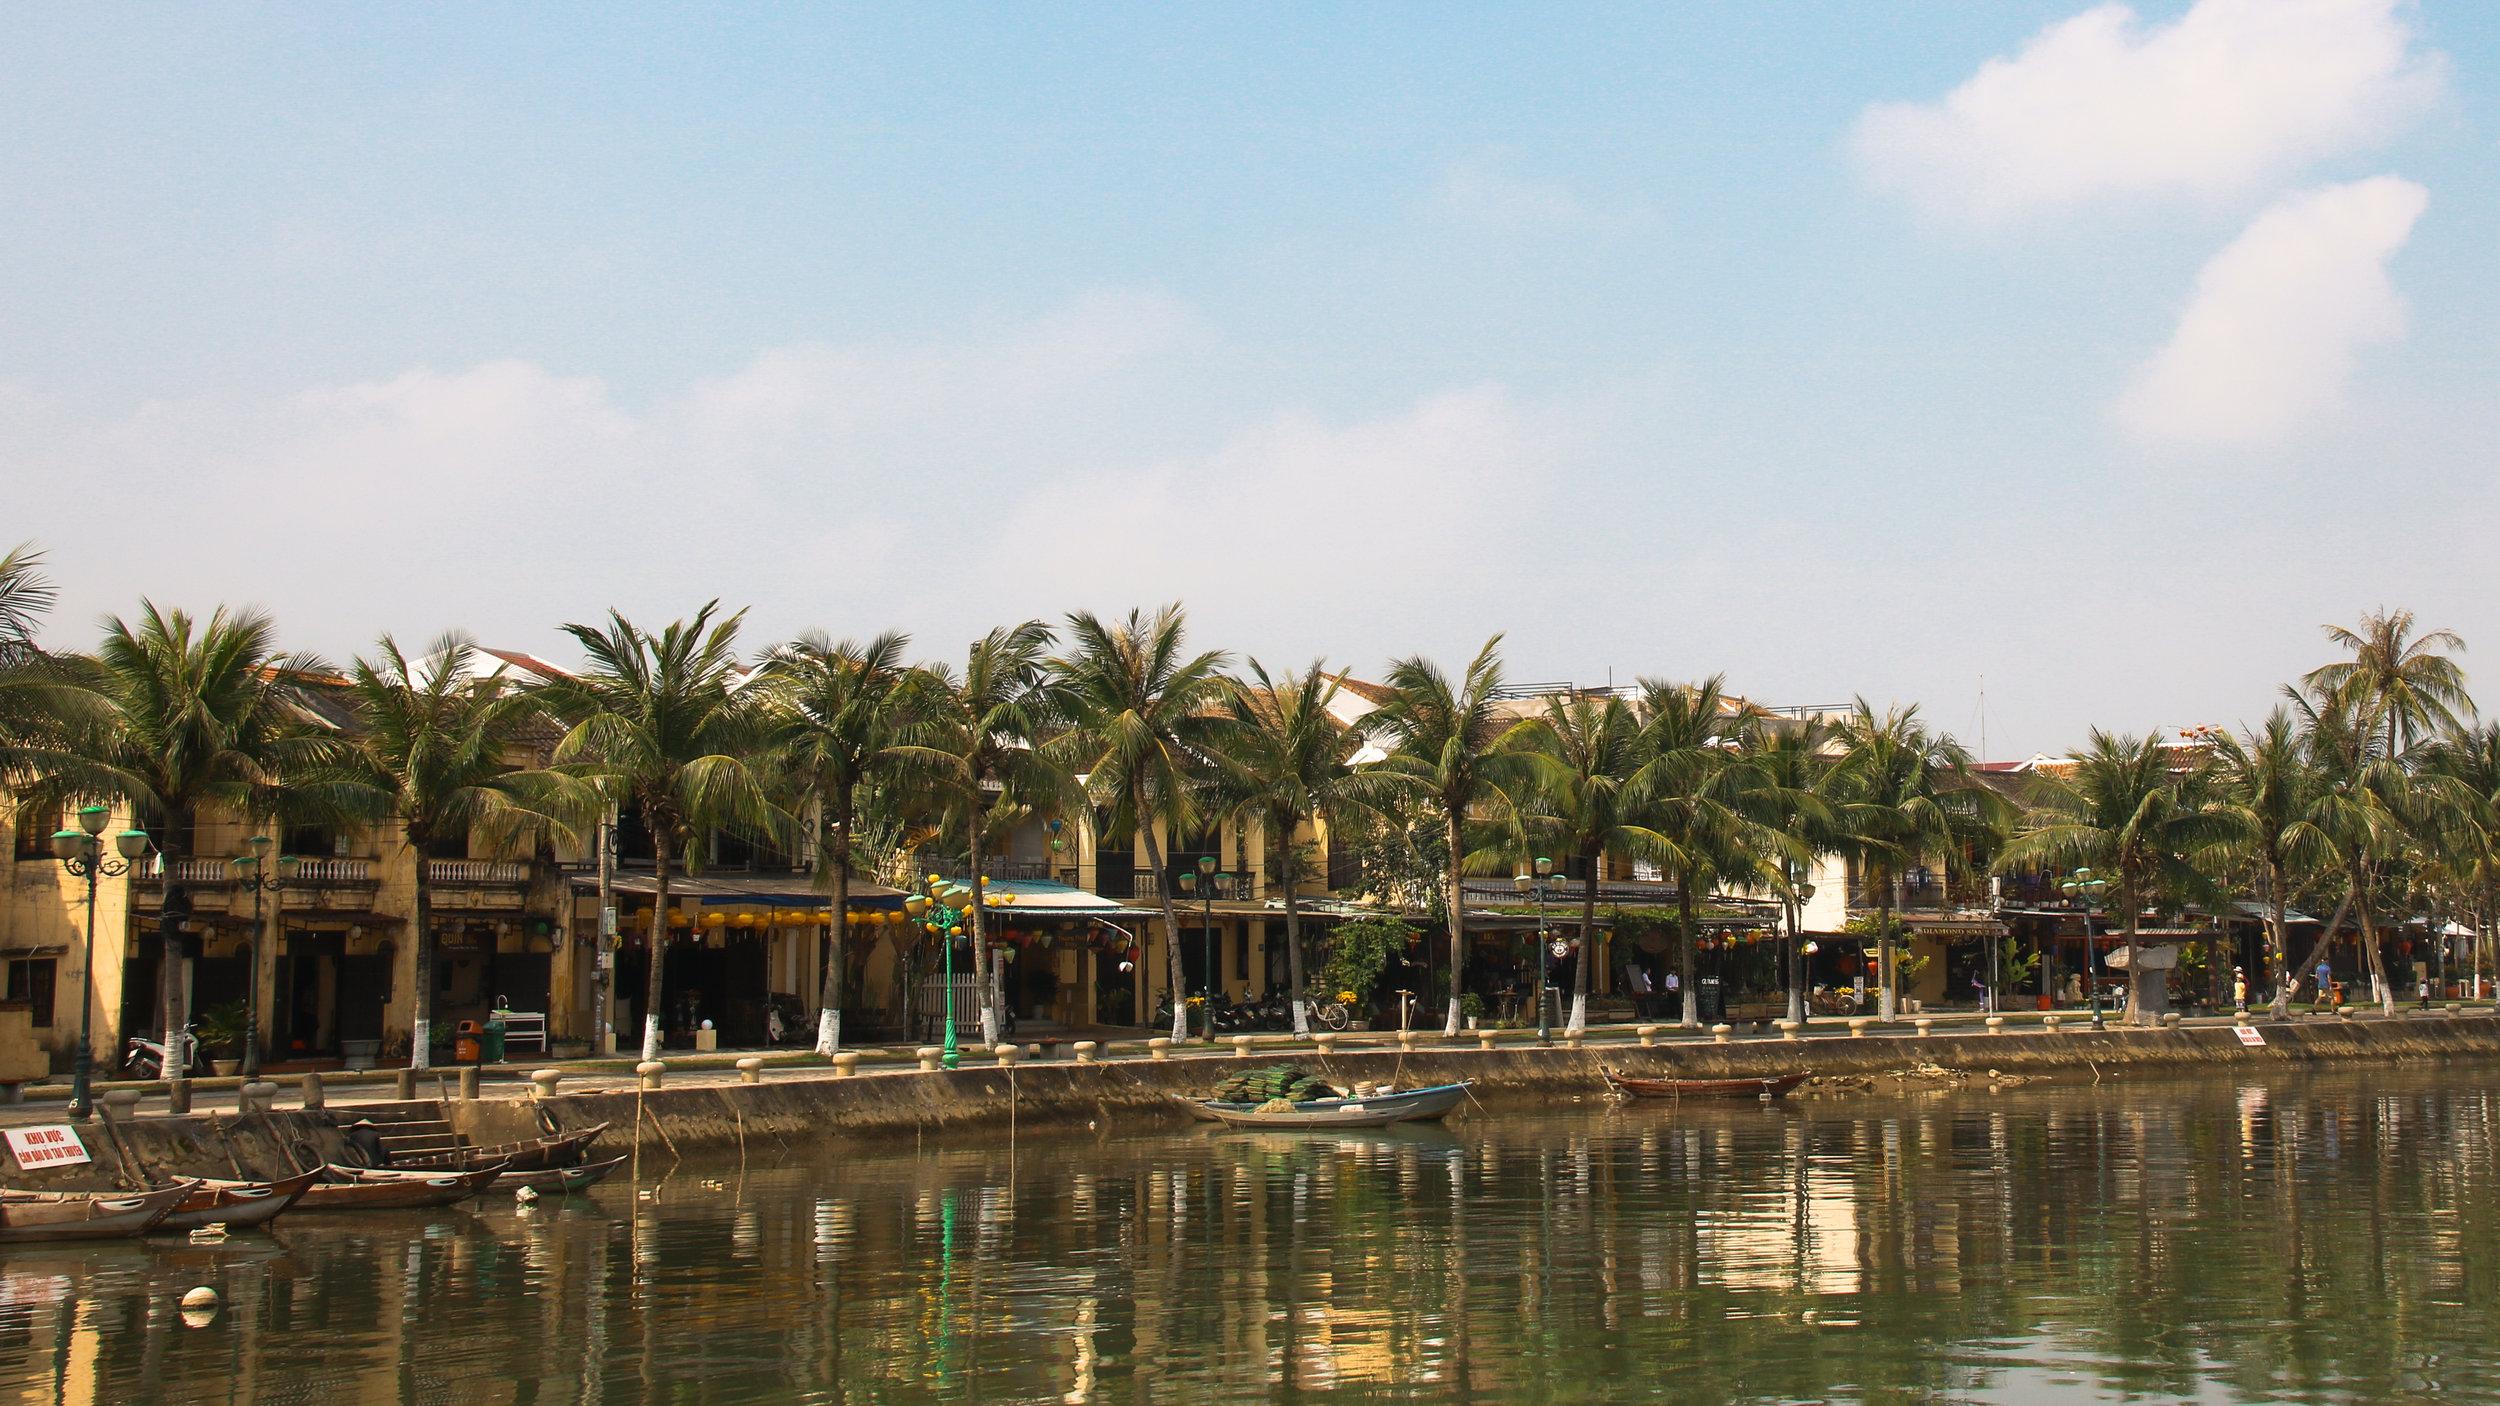 Hoi An, Vietnam. Across Land & Sea